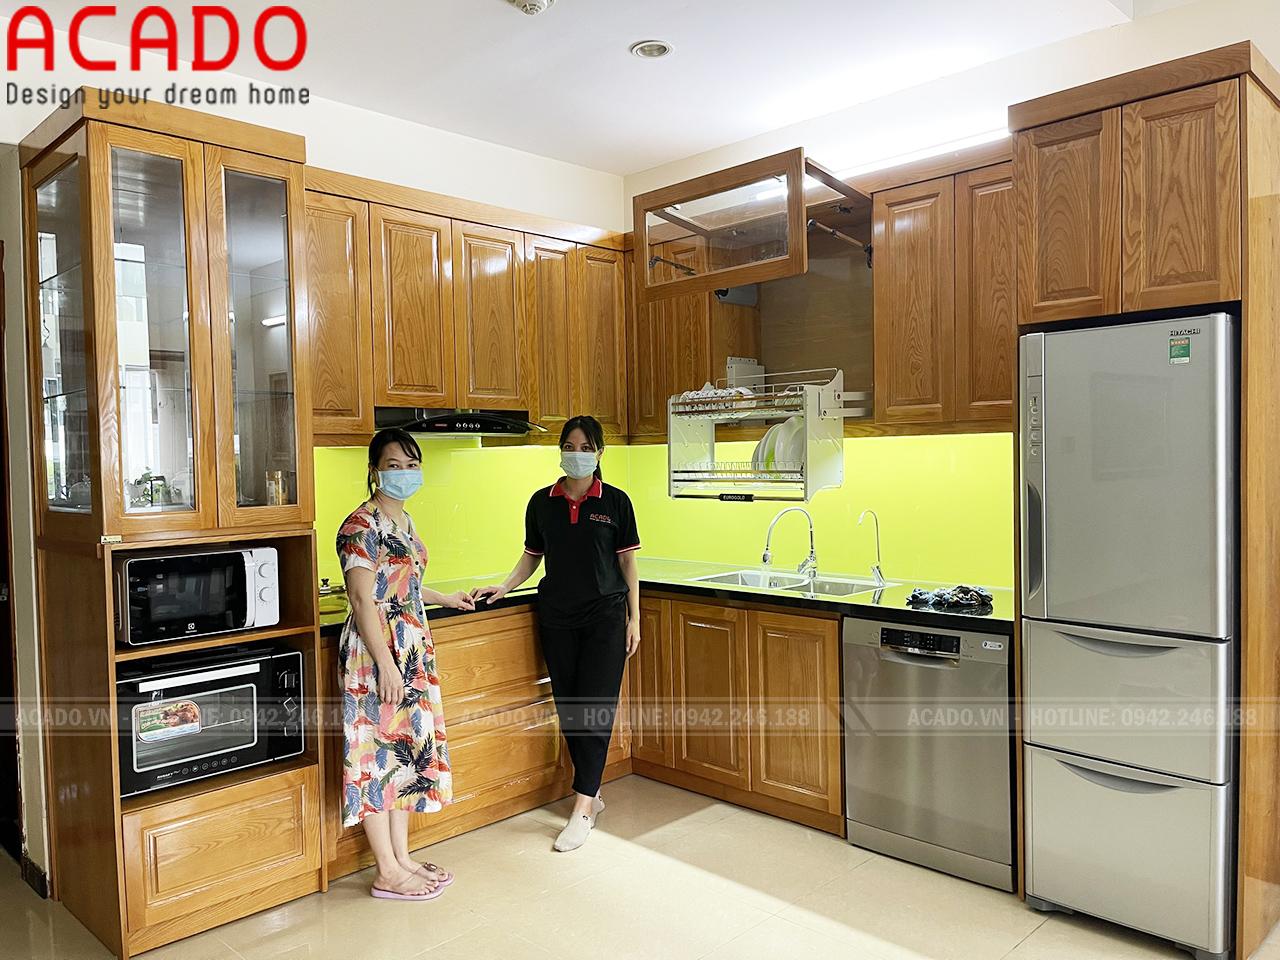 Tủ bếp chất liệu gỗ sồi Nga màu vàng nhạt